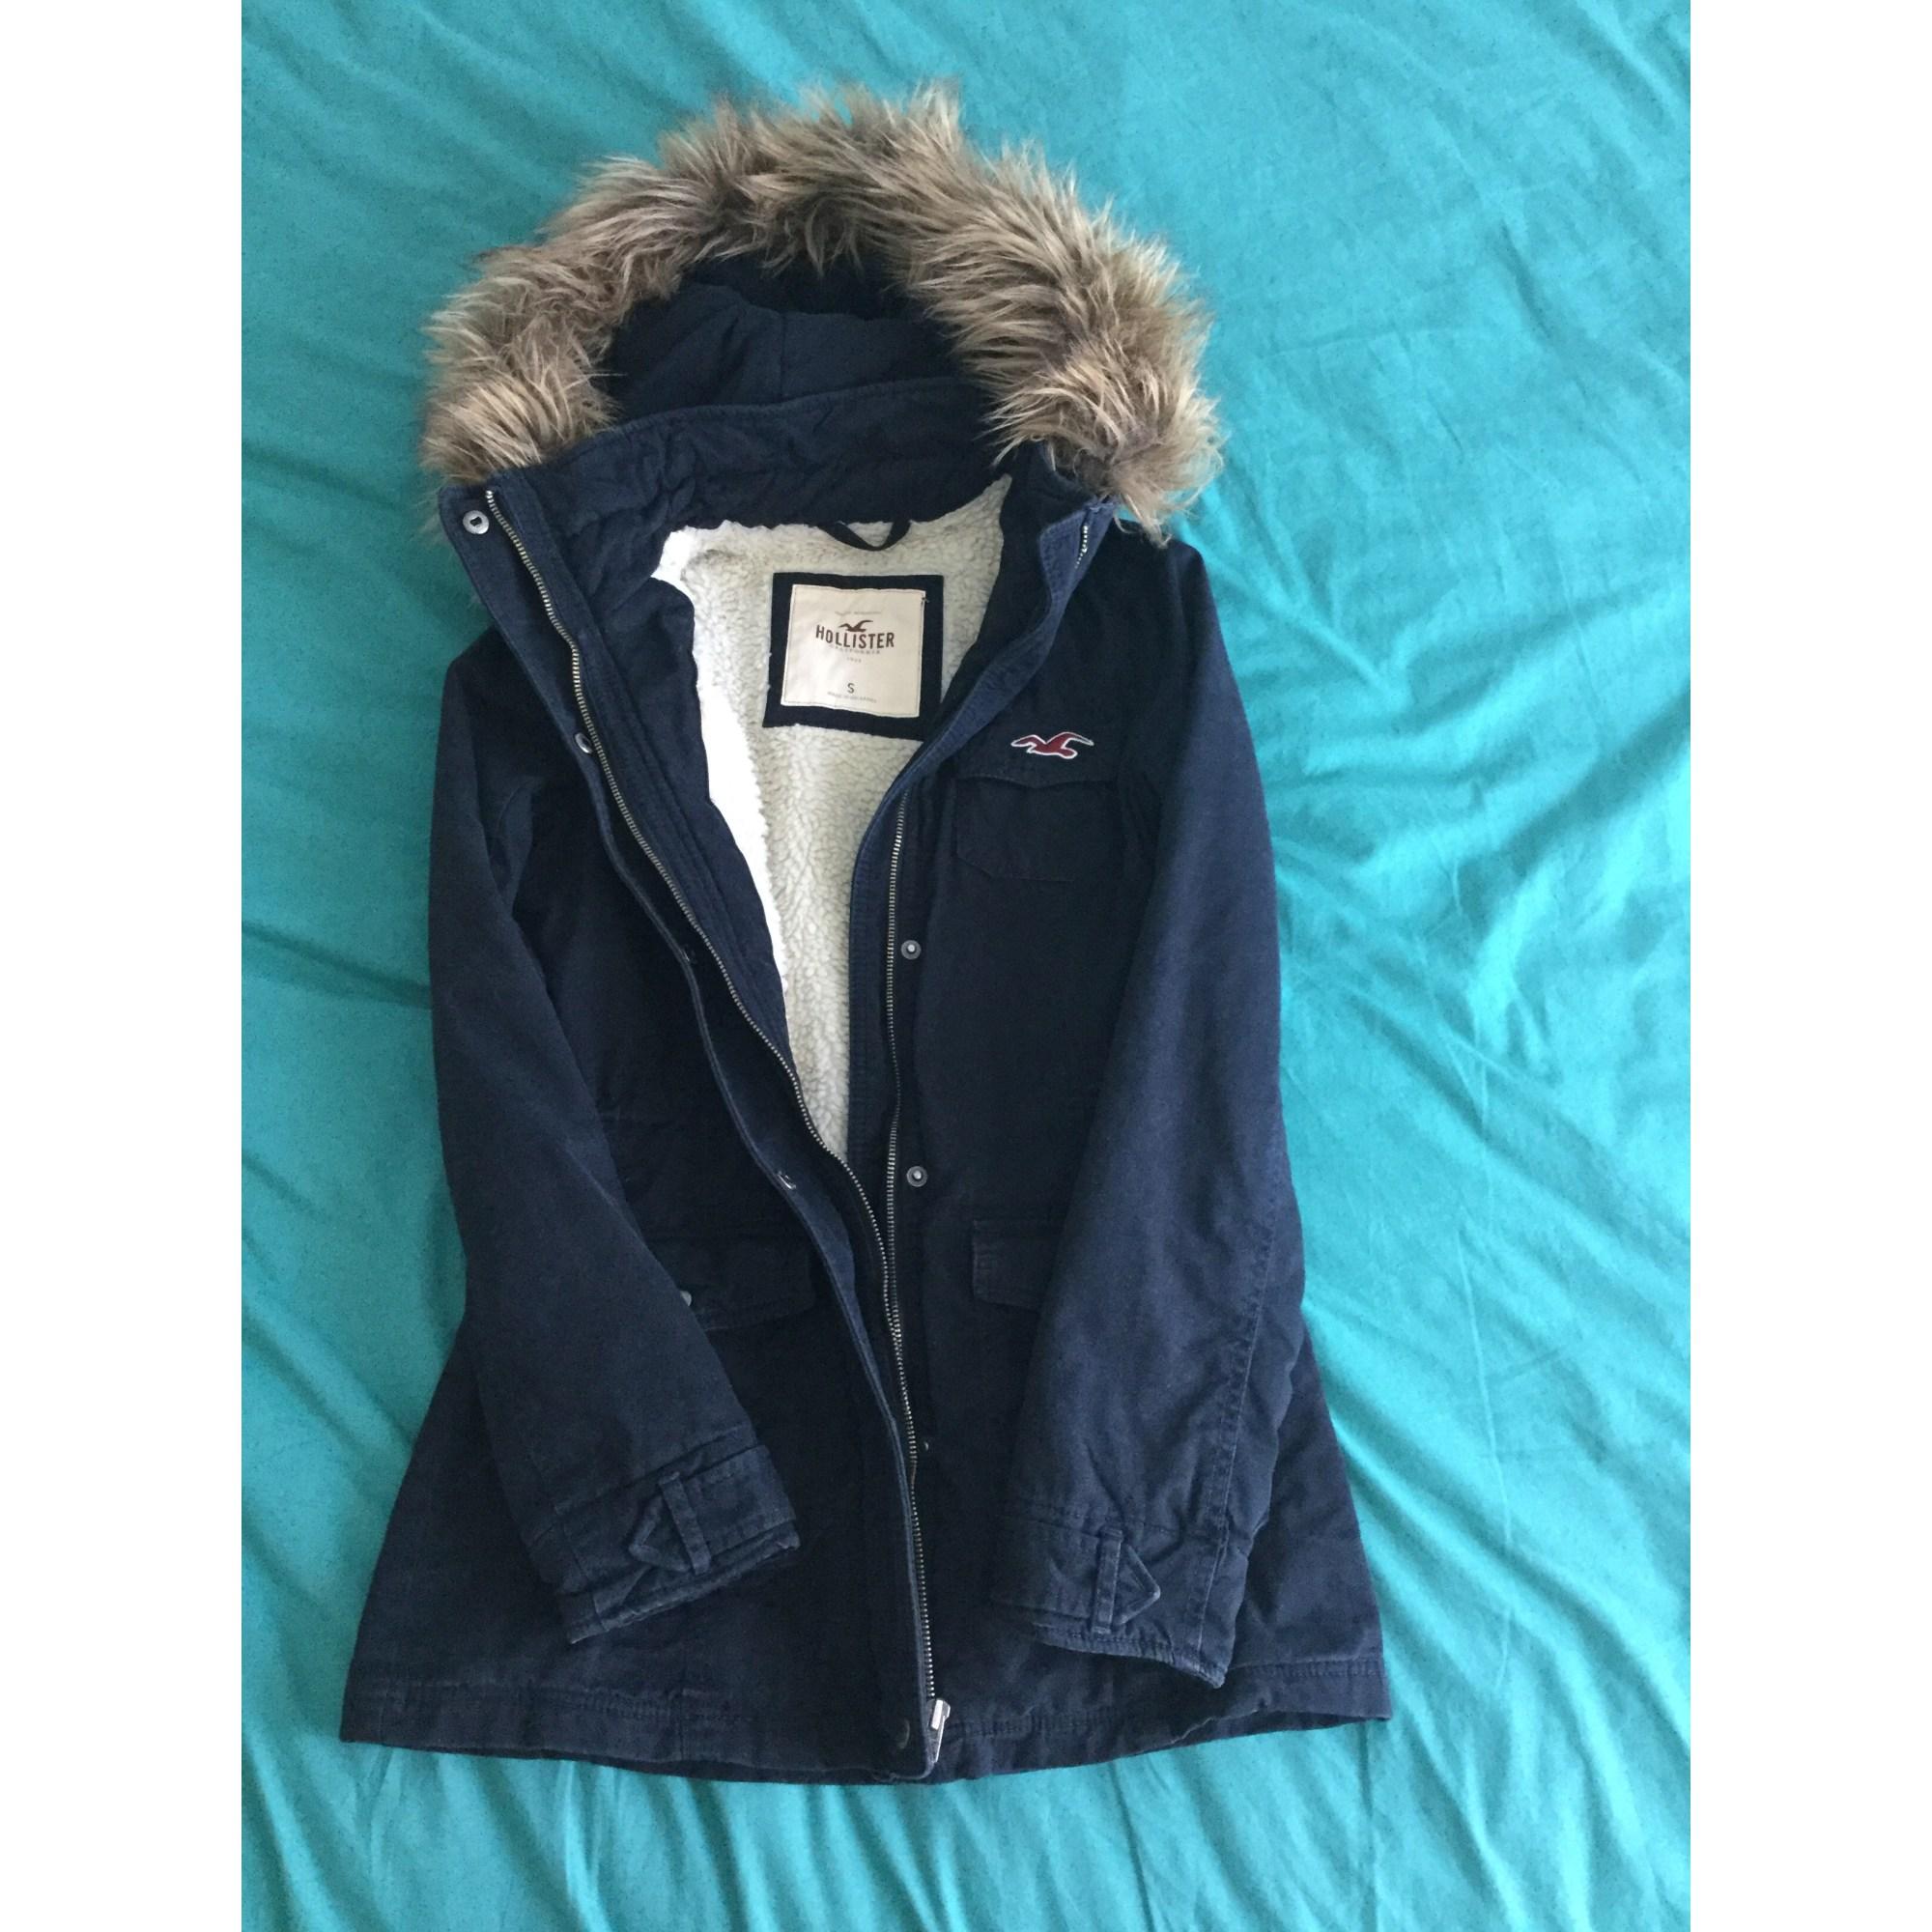 Hollister veste hiver femme